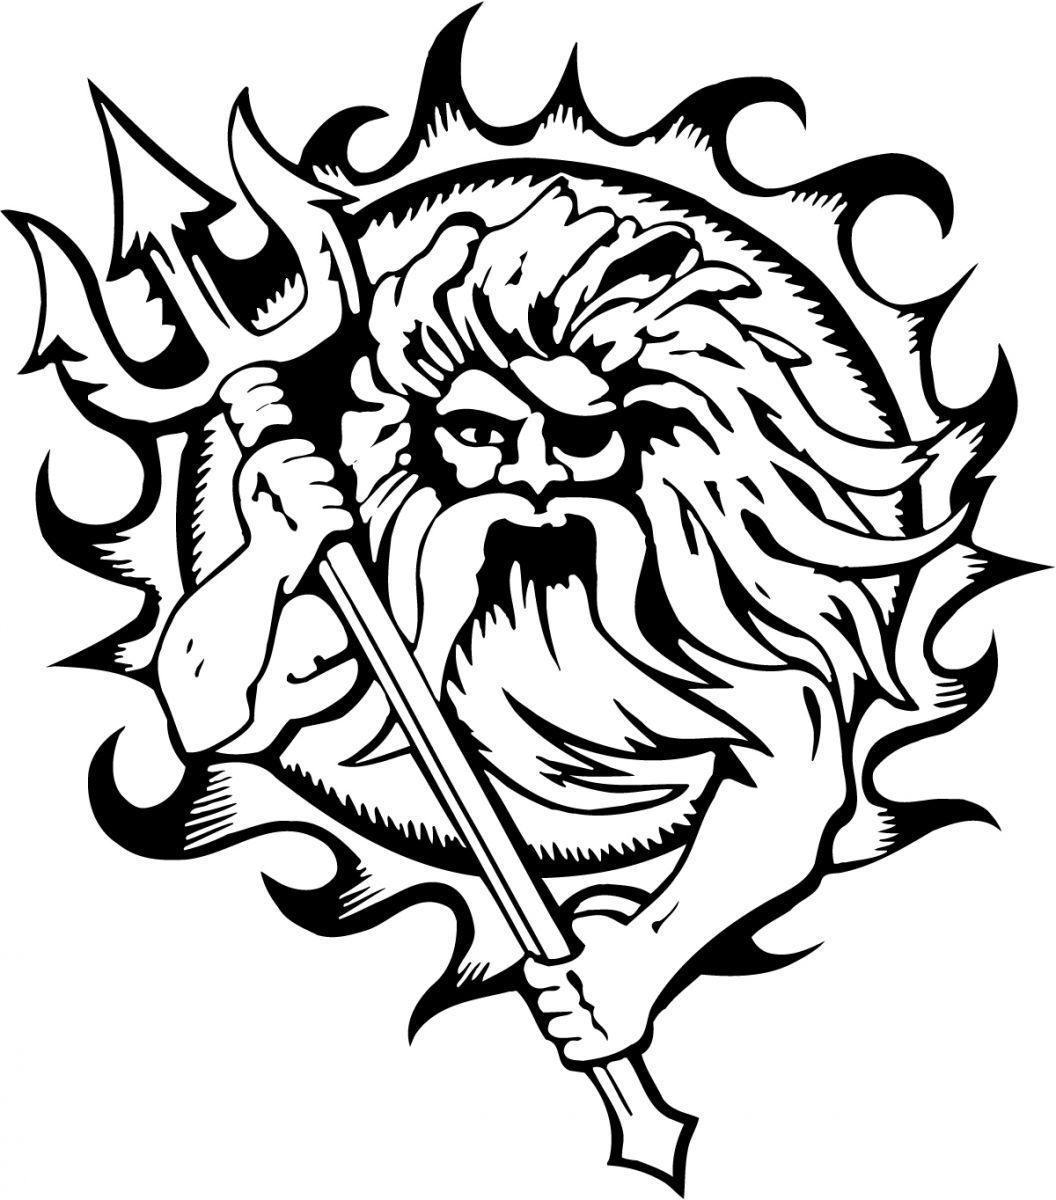 Poseidon Tattoo Designs